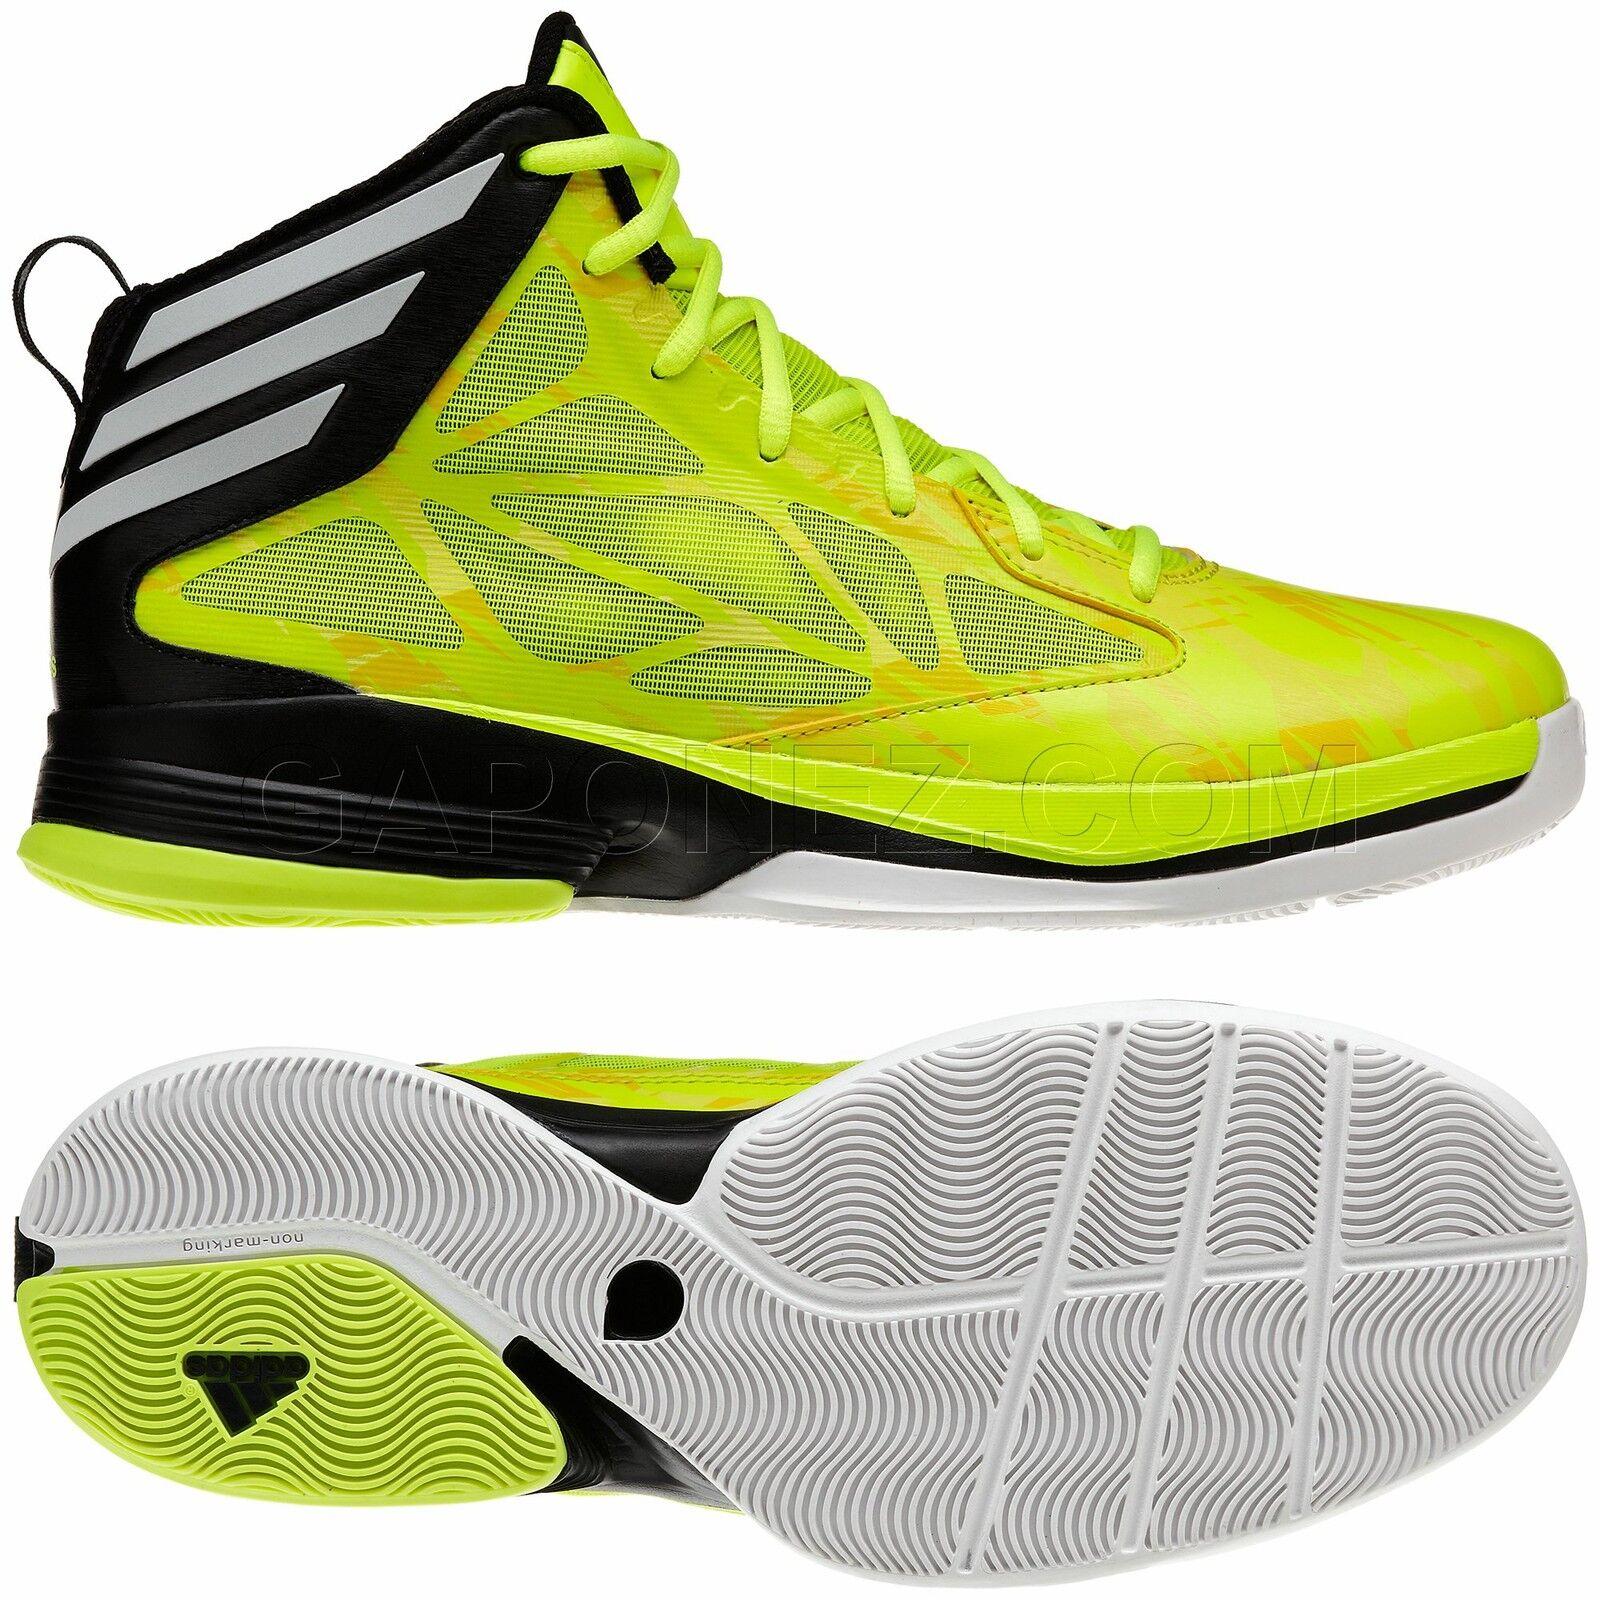 Nuevo ~ rápido Adidas CRAZY rápido ~ luz baloncesto rápido Zapato Ghost Adizero Rose ~ Hombre 6cde21